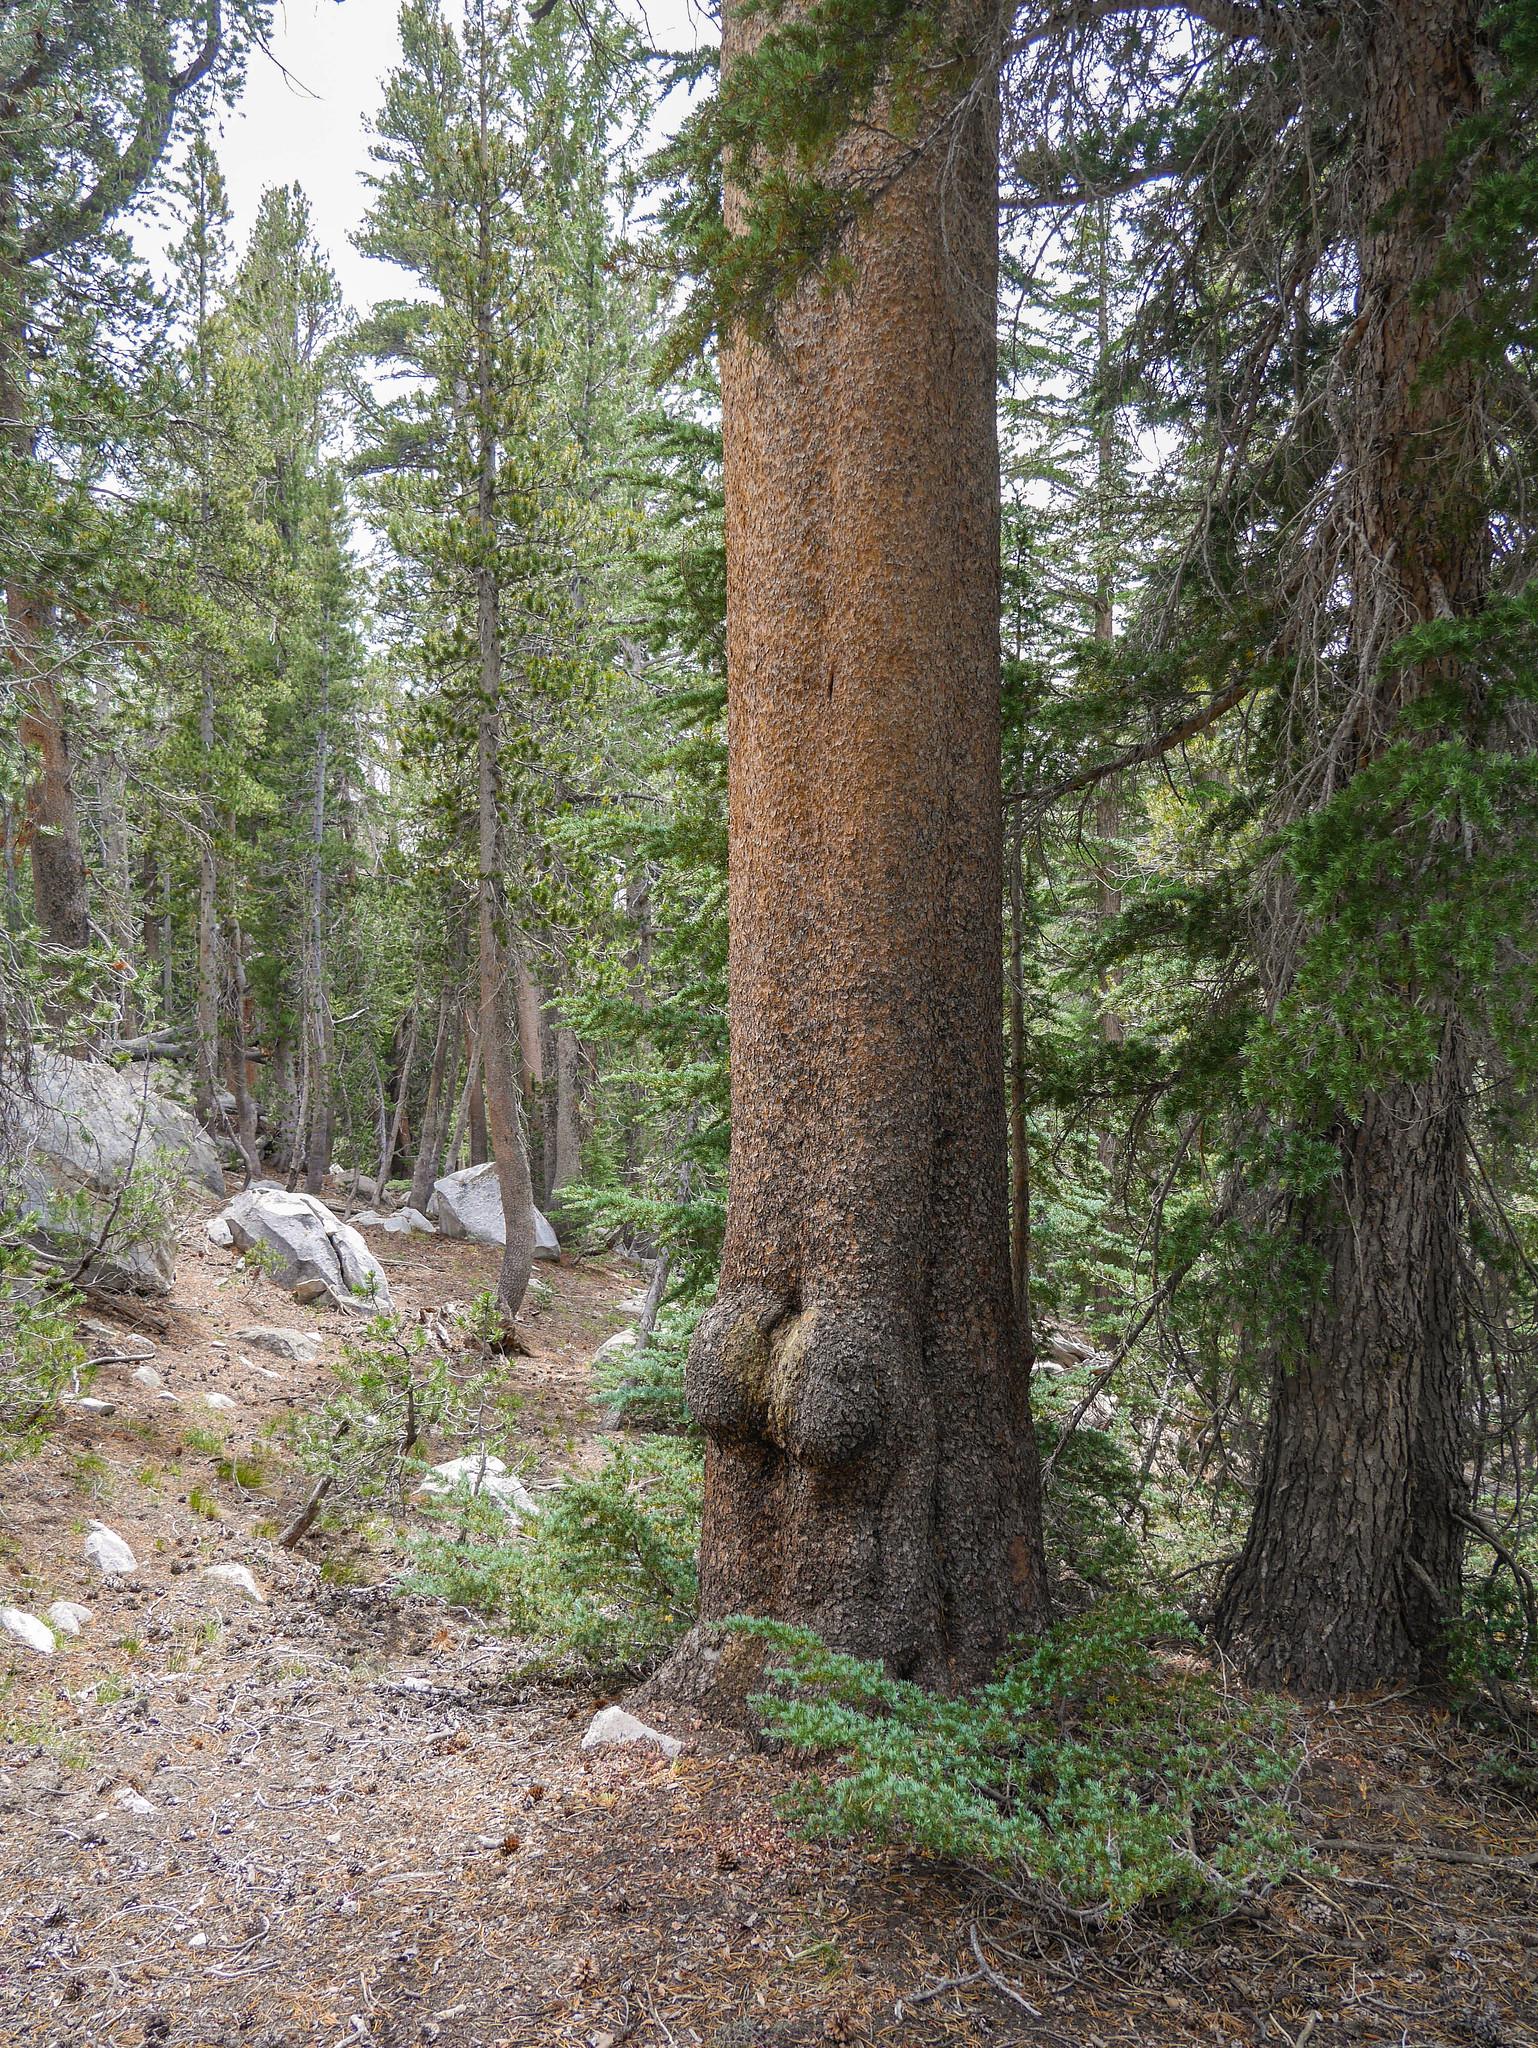 A tree butt